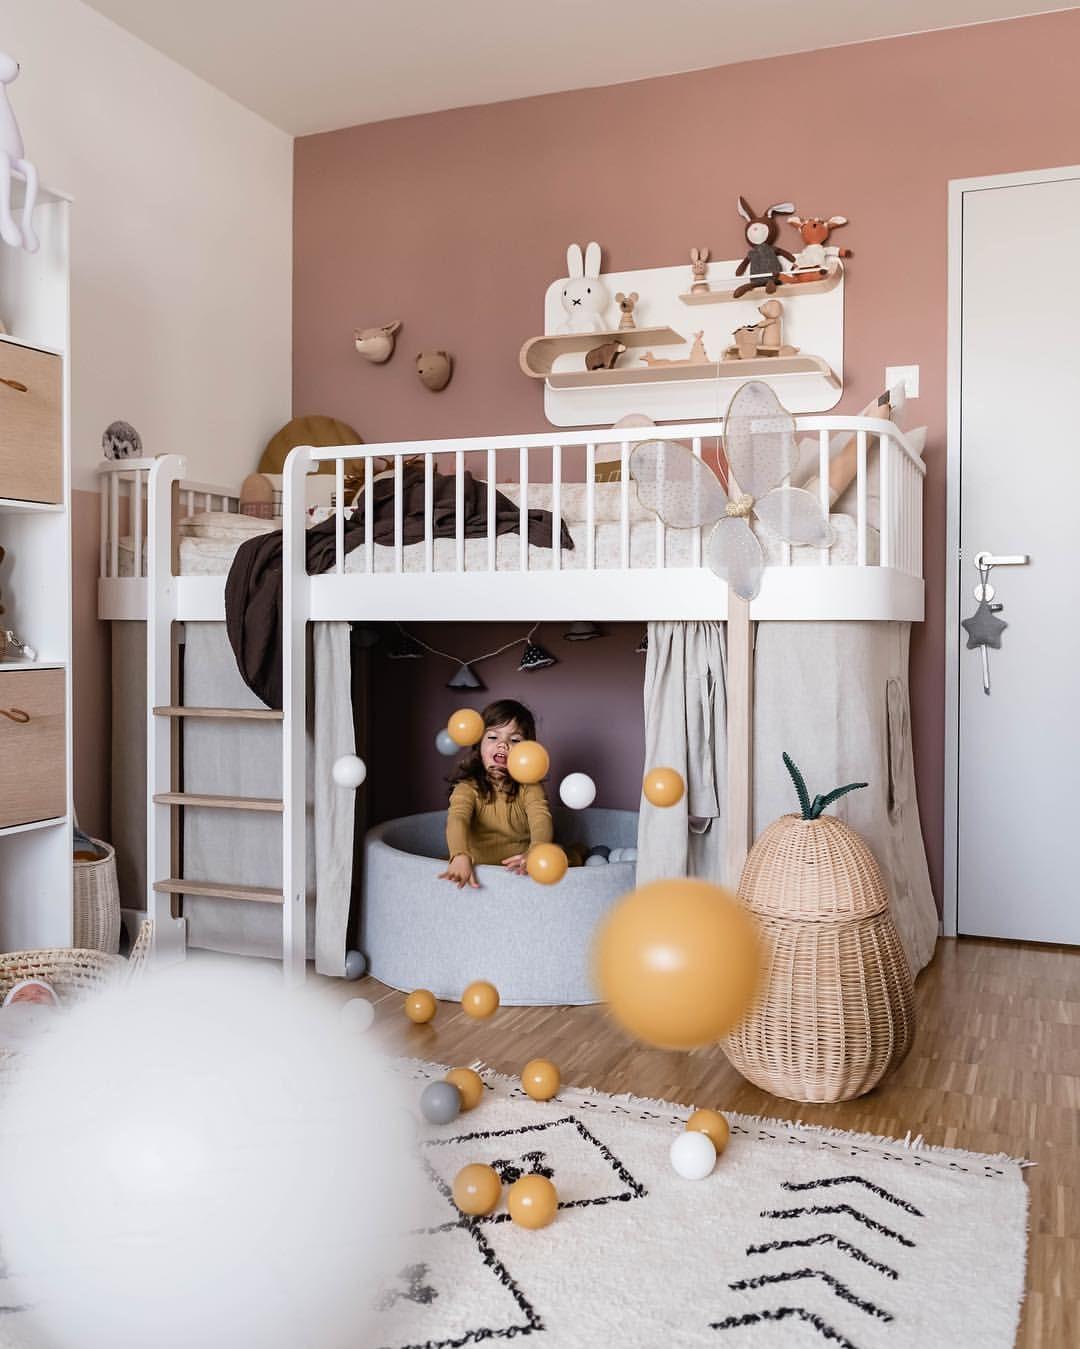 Kinderzimmer Madchenzimmer Spielzimmer Hochbett Ballebad